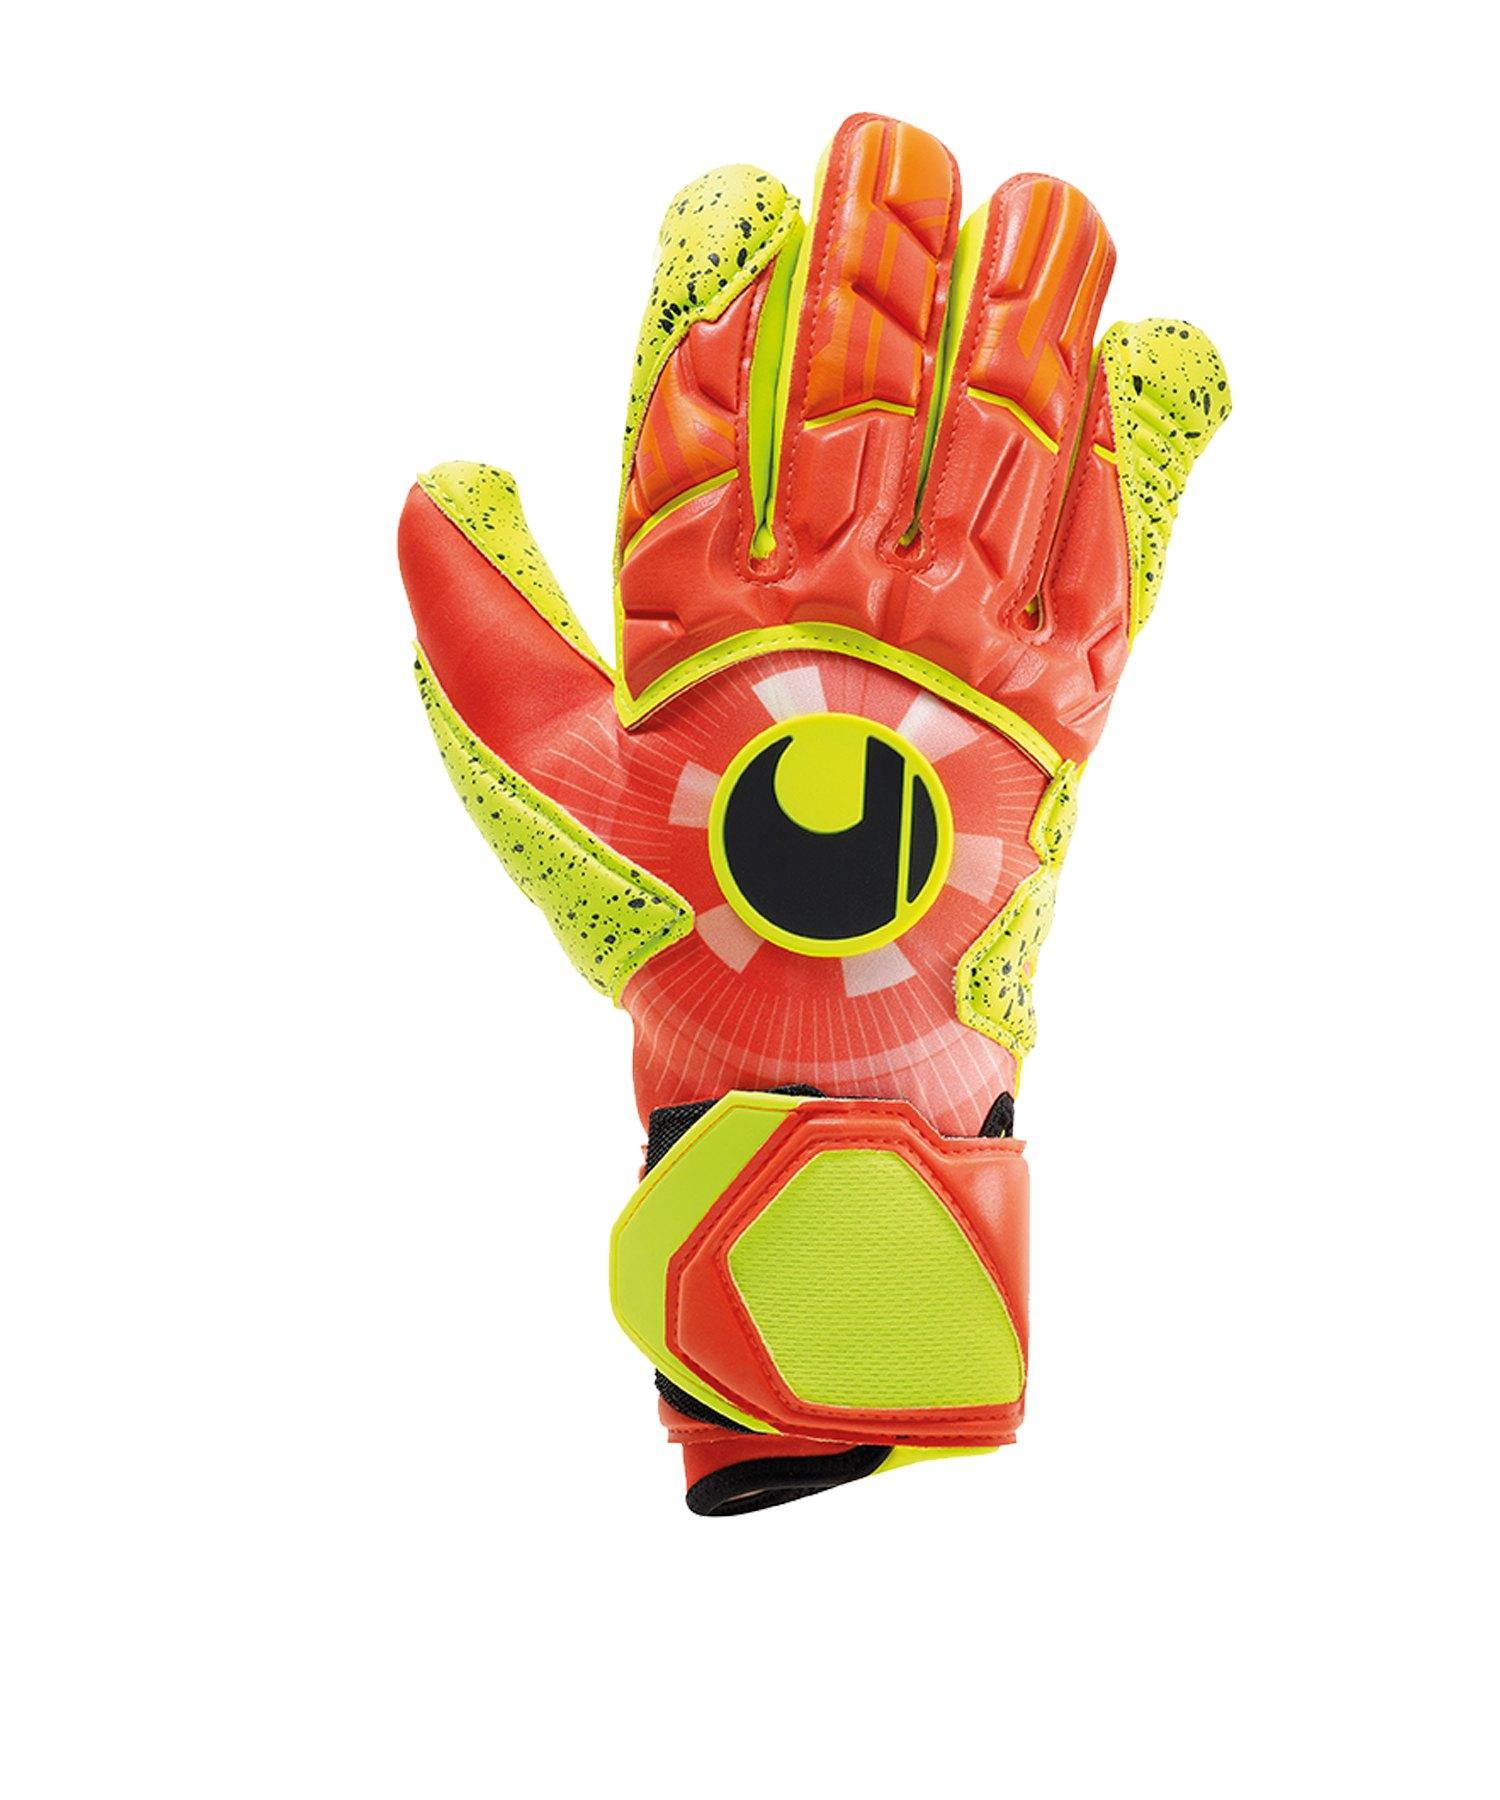 Uhlsport Dyn.Impulse Supergrip HN TW-Handschuh F01 - orange